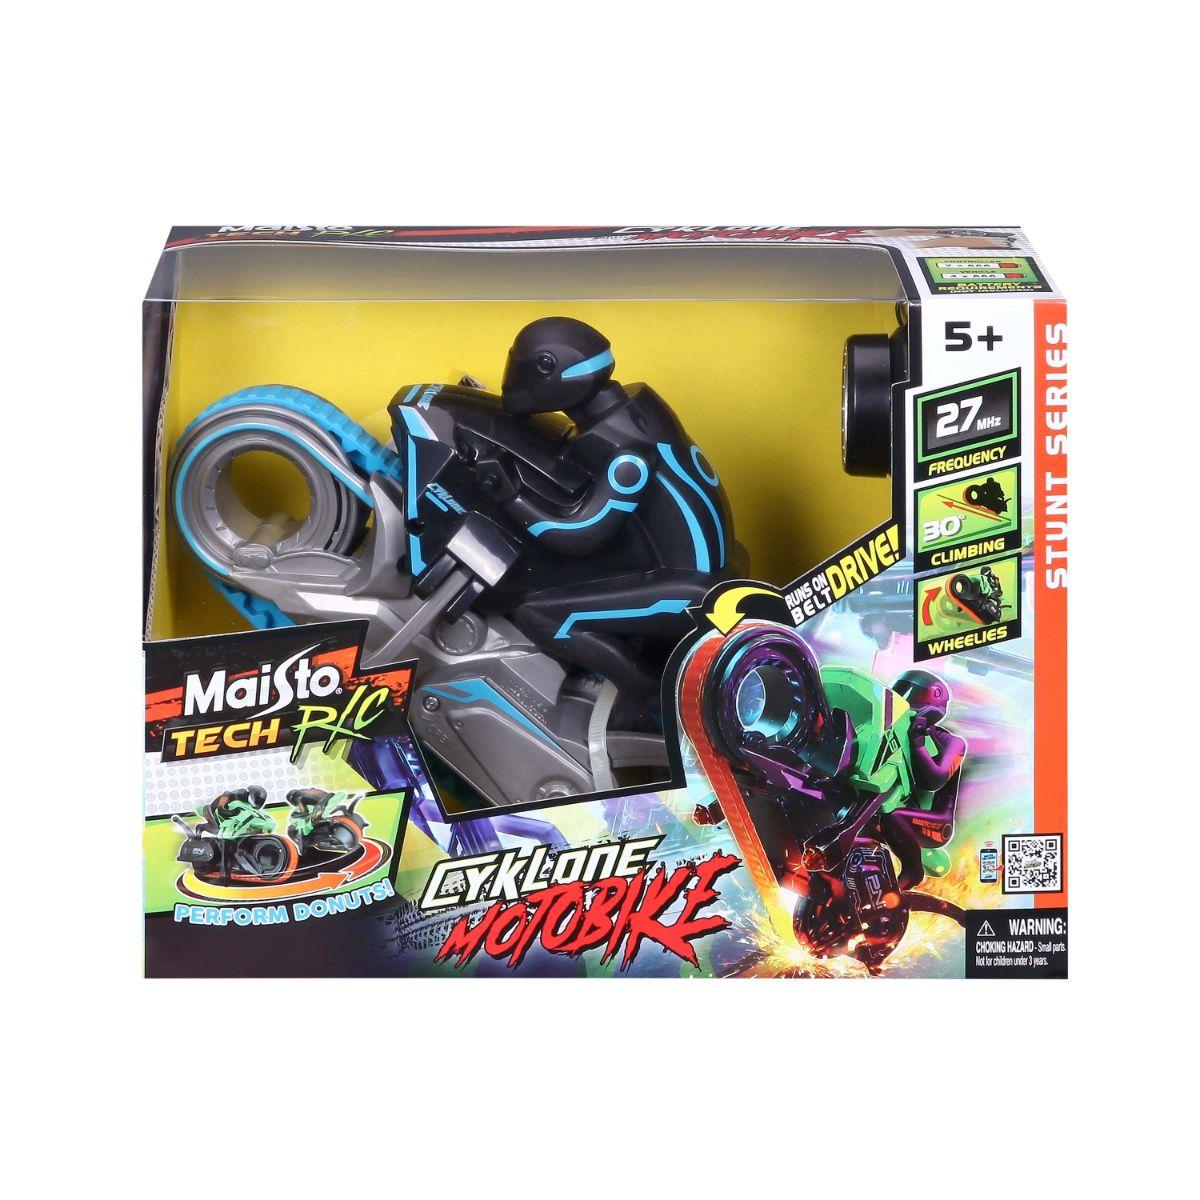 Motocicleta cu telecomanda, Maisto, Tech Cyklone Motobike, albastra